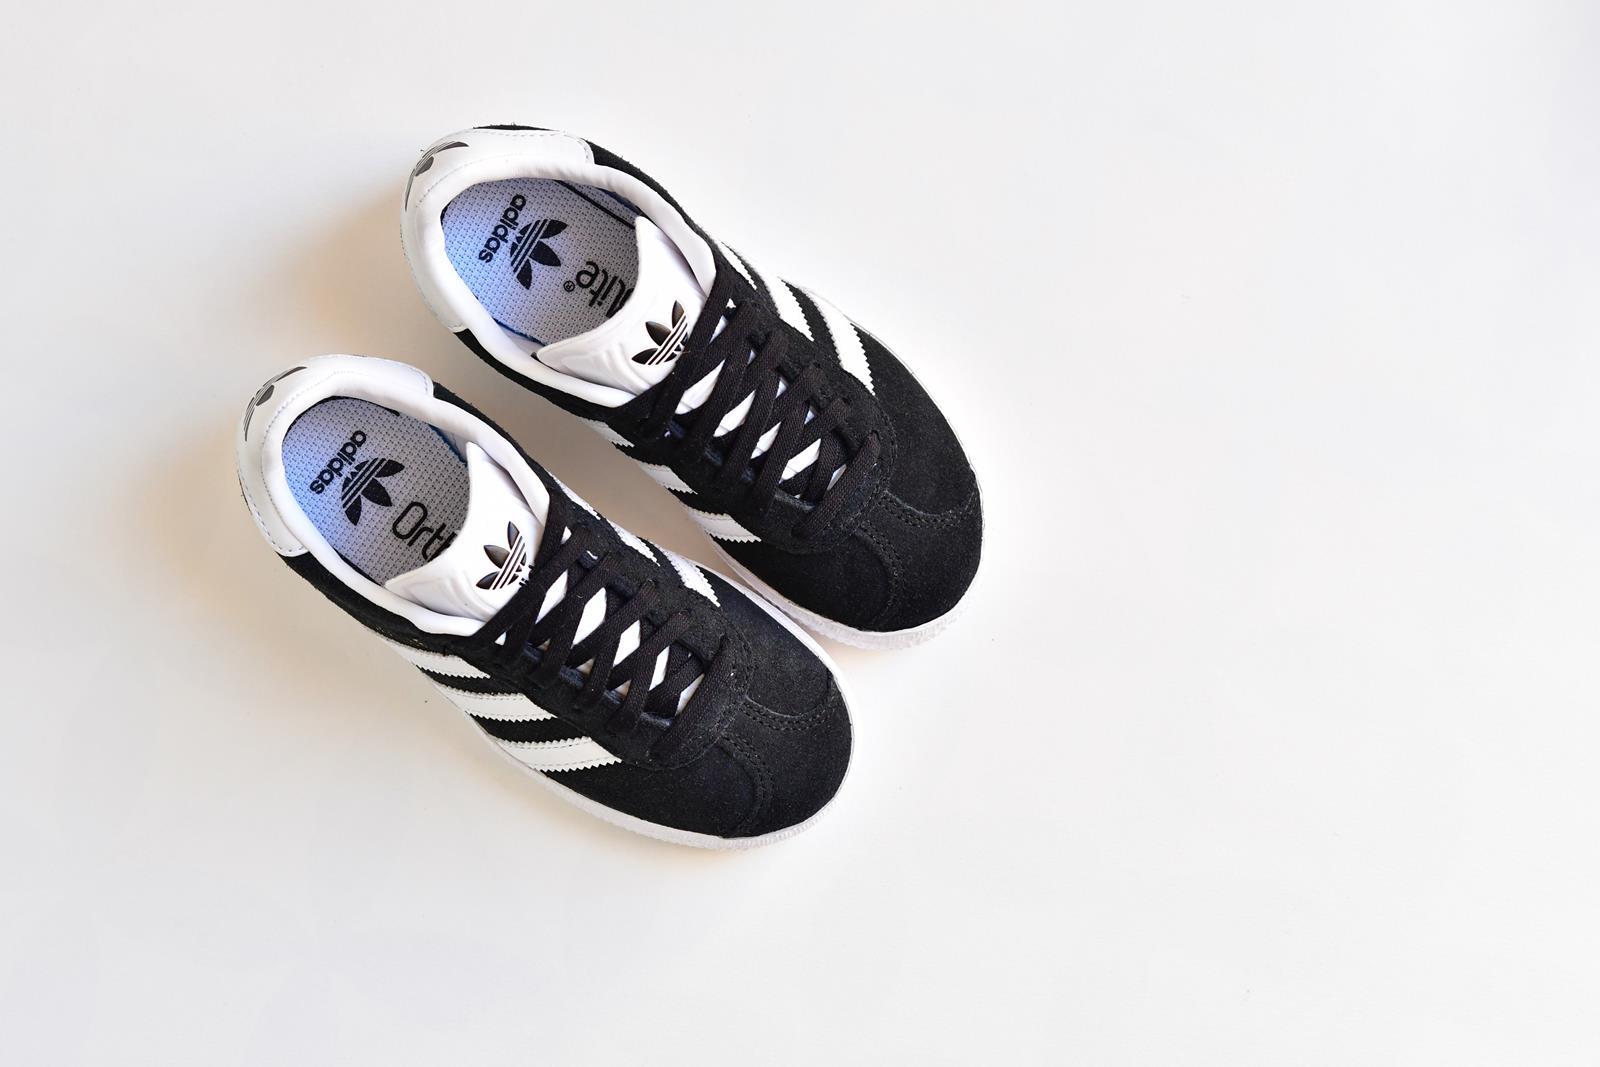 gazelle adidas niña negras